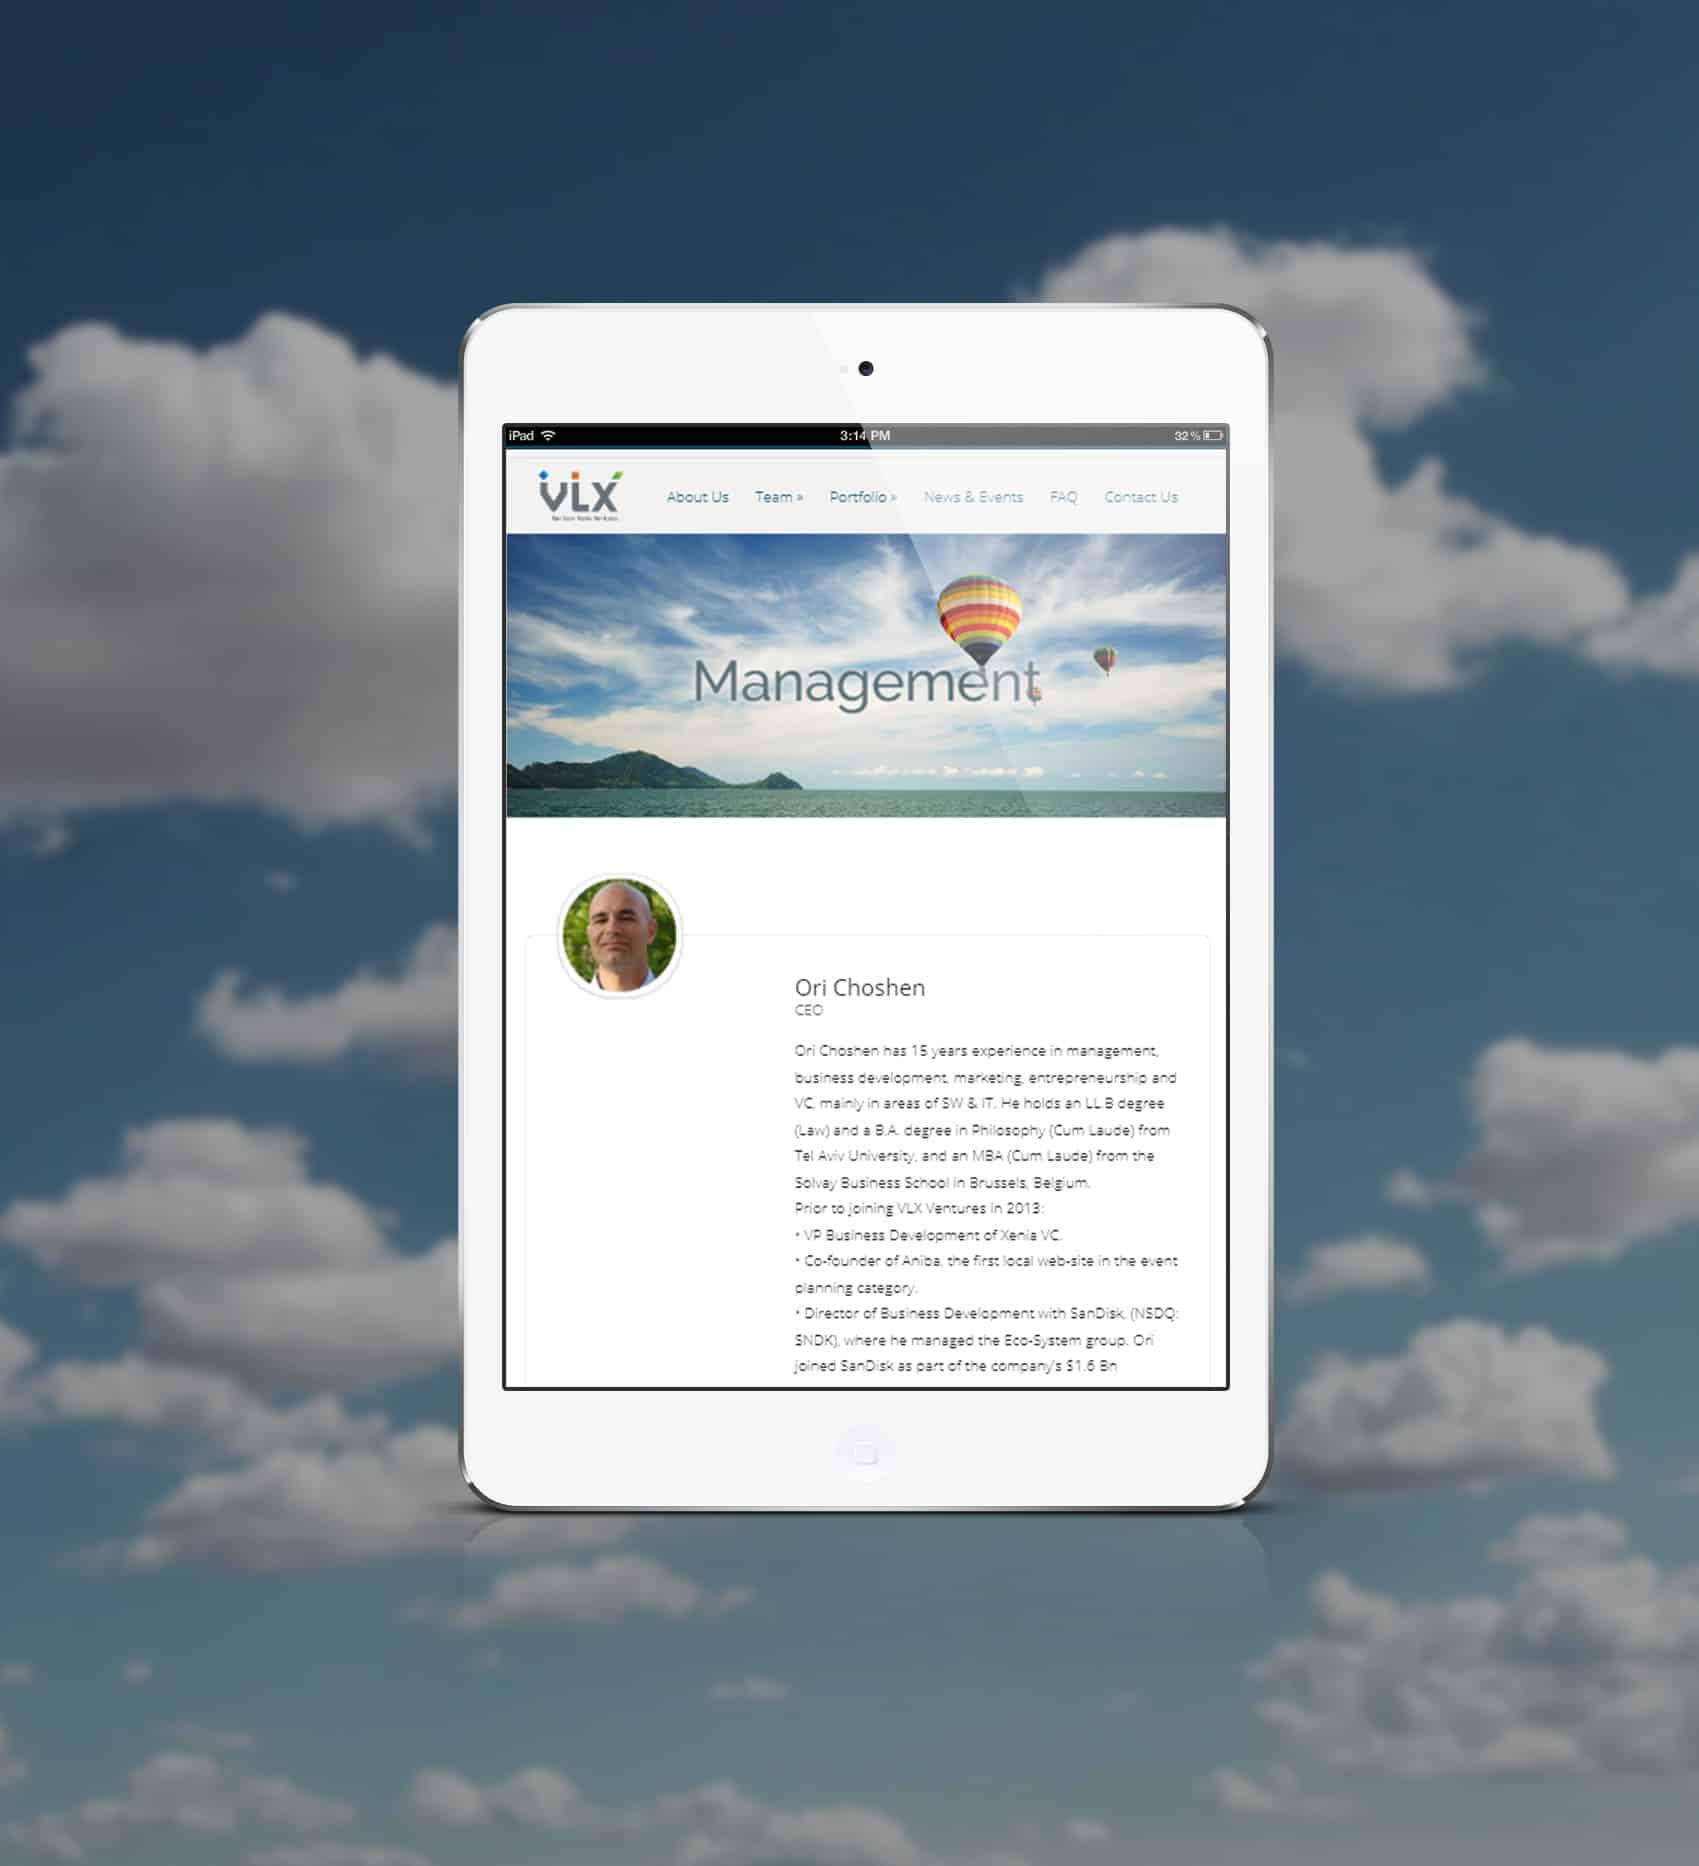 התאמת אתר למובייל וטאבלט - עיצוב ובניית אתר ל VLX חממה טכנולוגית בגבעת רם